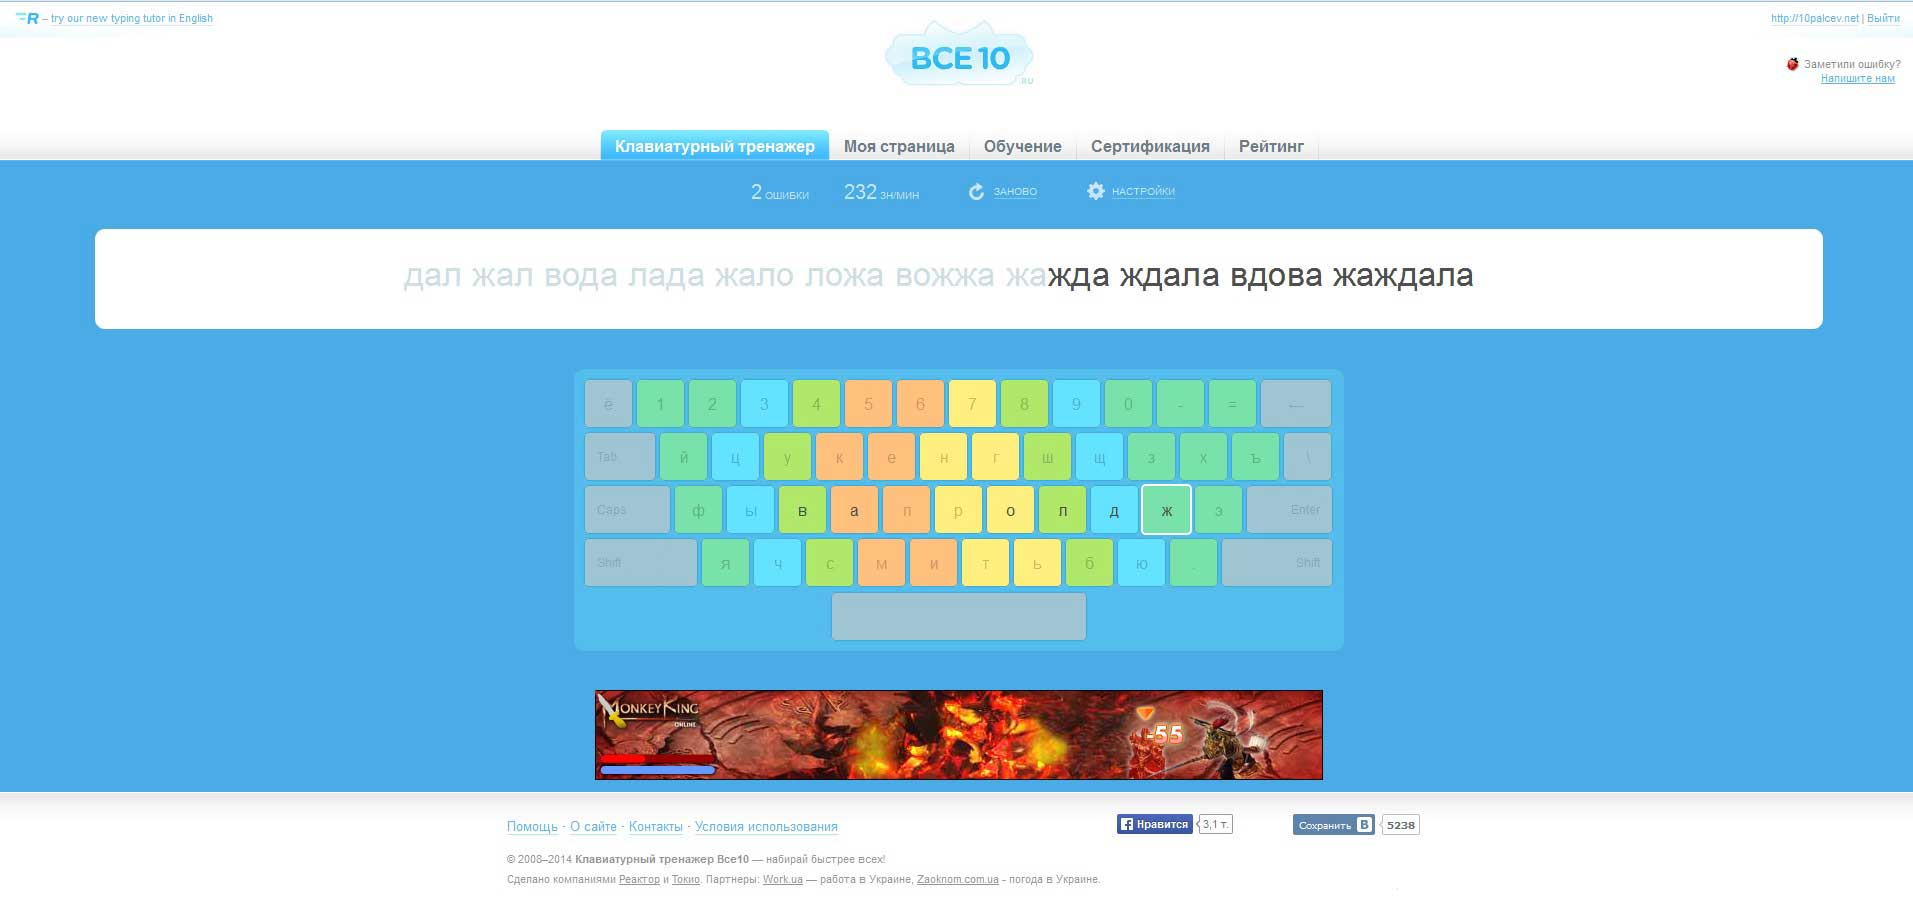 Игры для работы на клавиатуре онлайн занять биткоины быстро и много